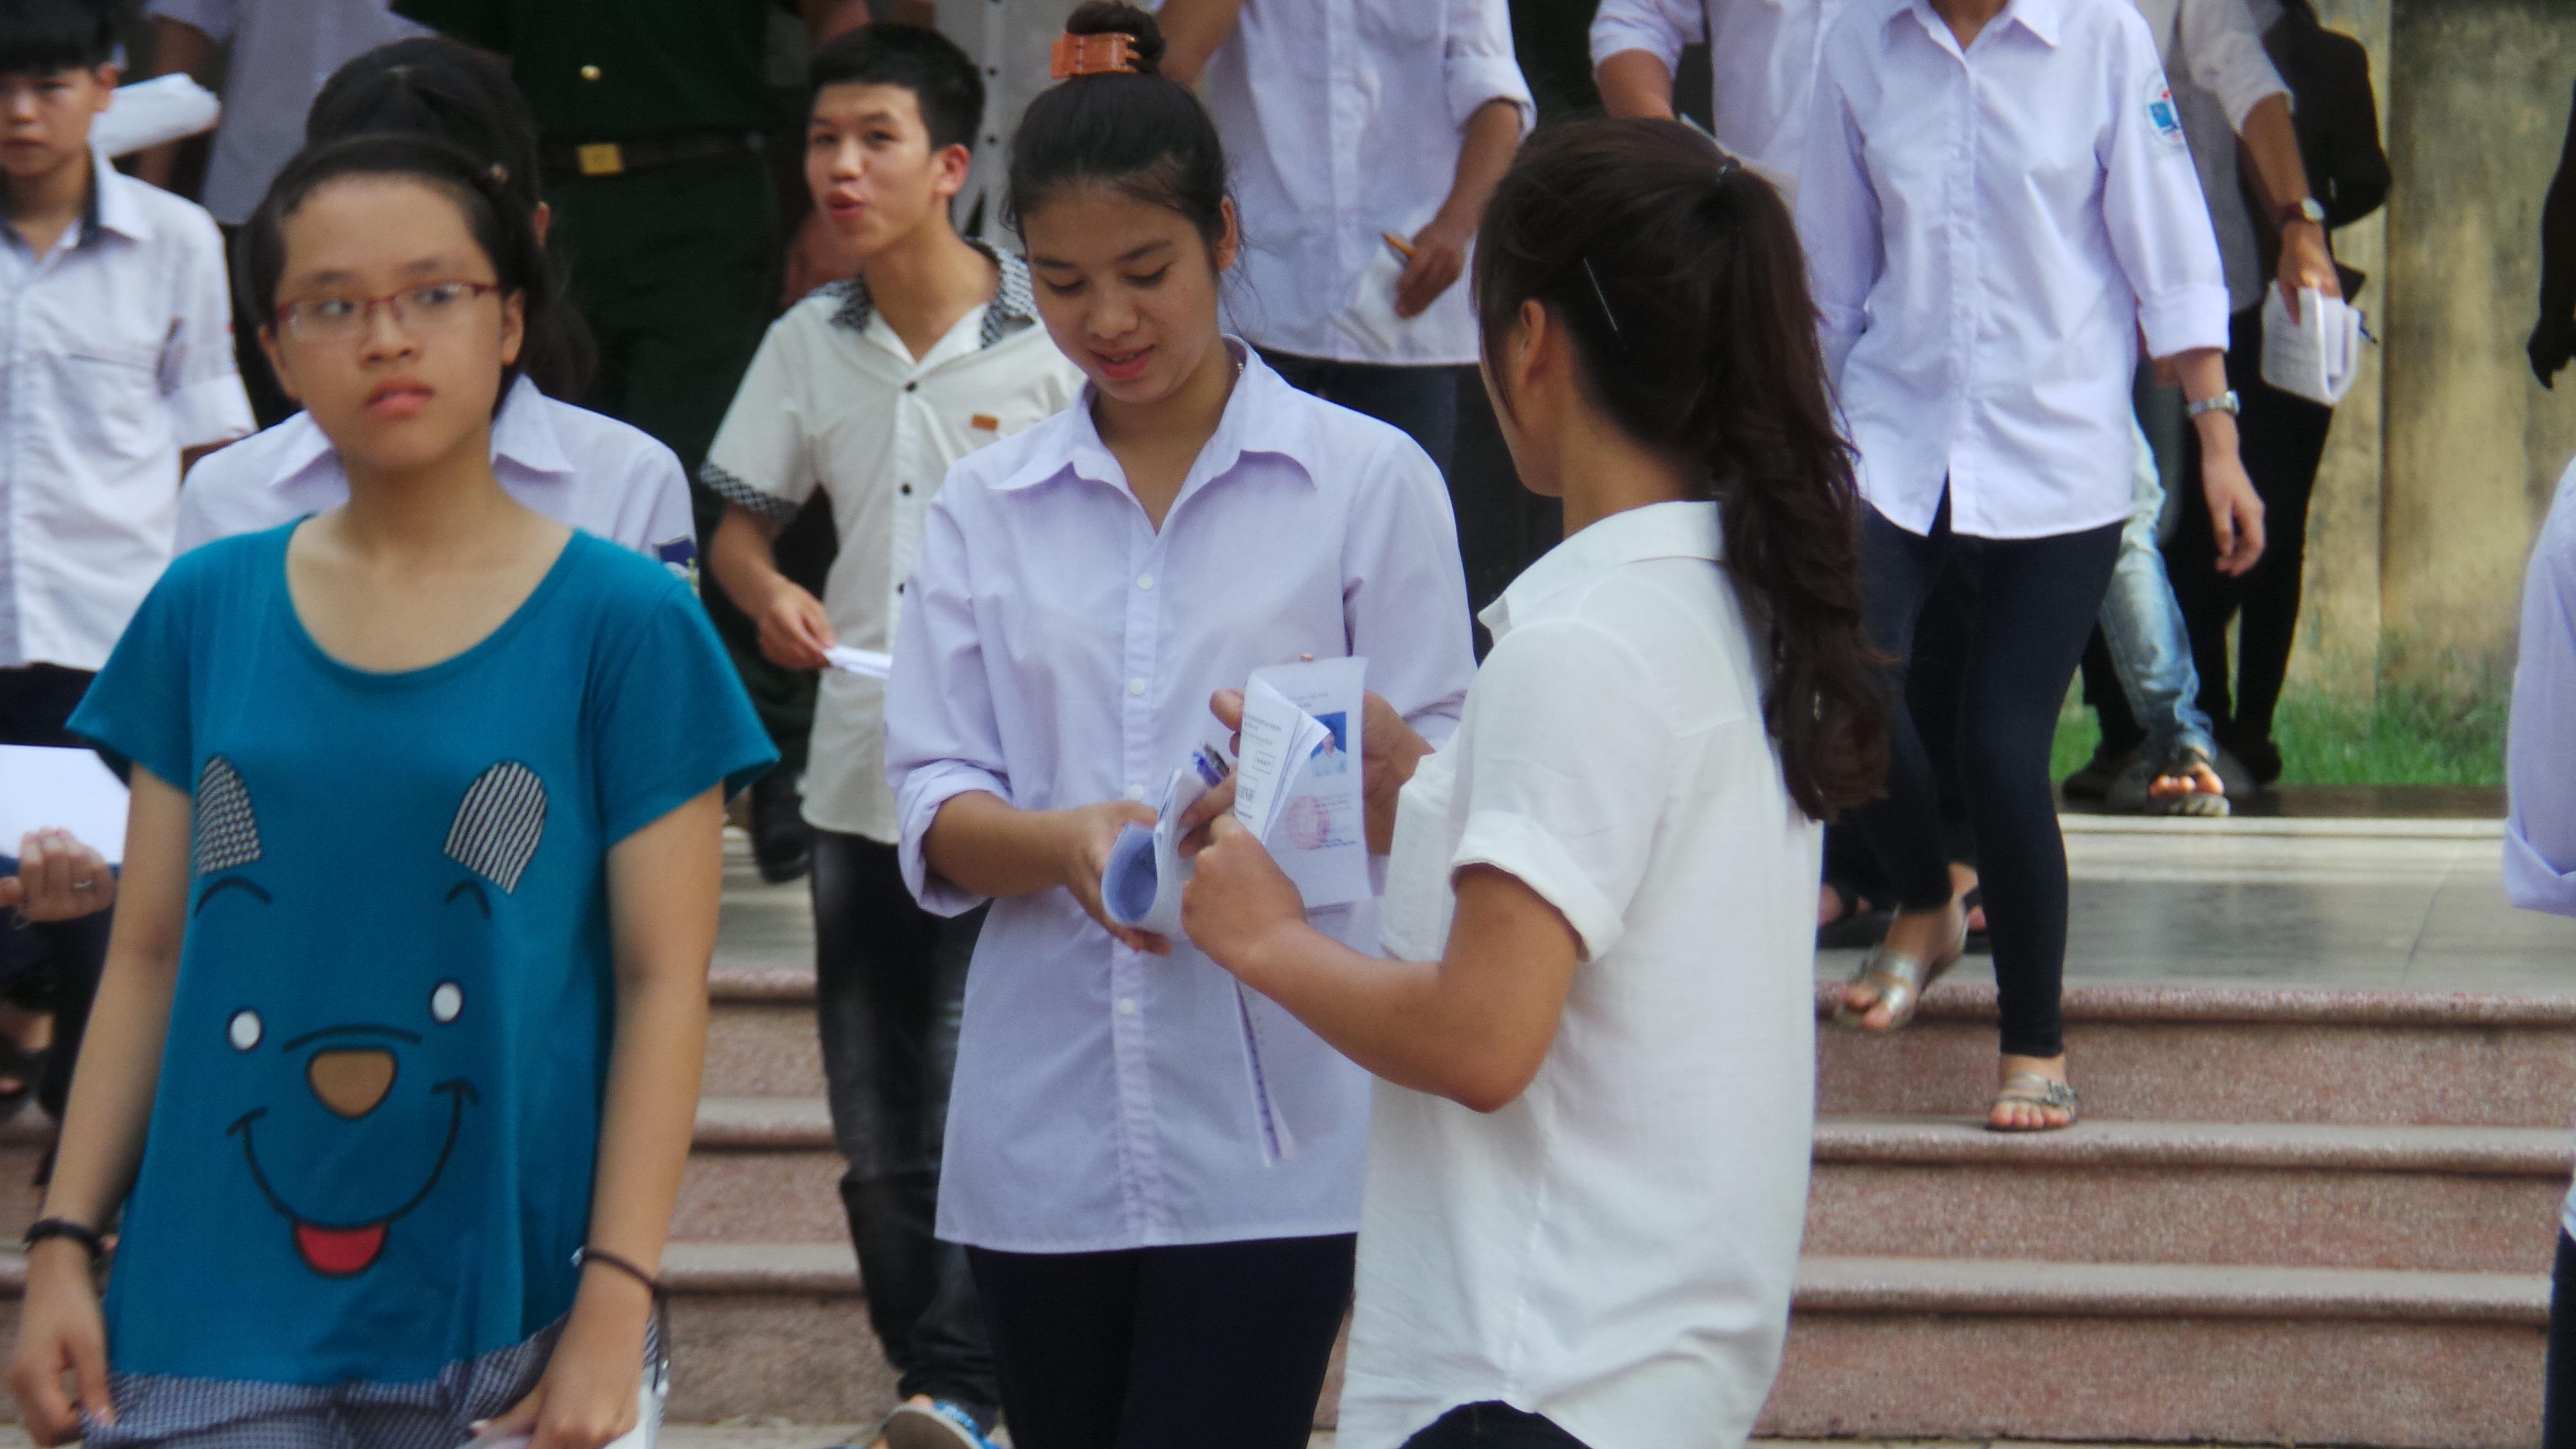 Thí sinh dự thi THPT 2016 tại Hà Nội (ảnh: M. Hà)